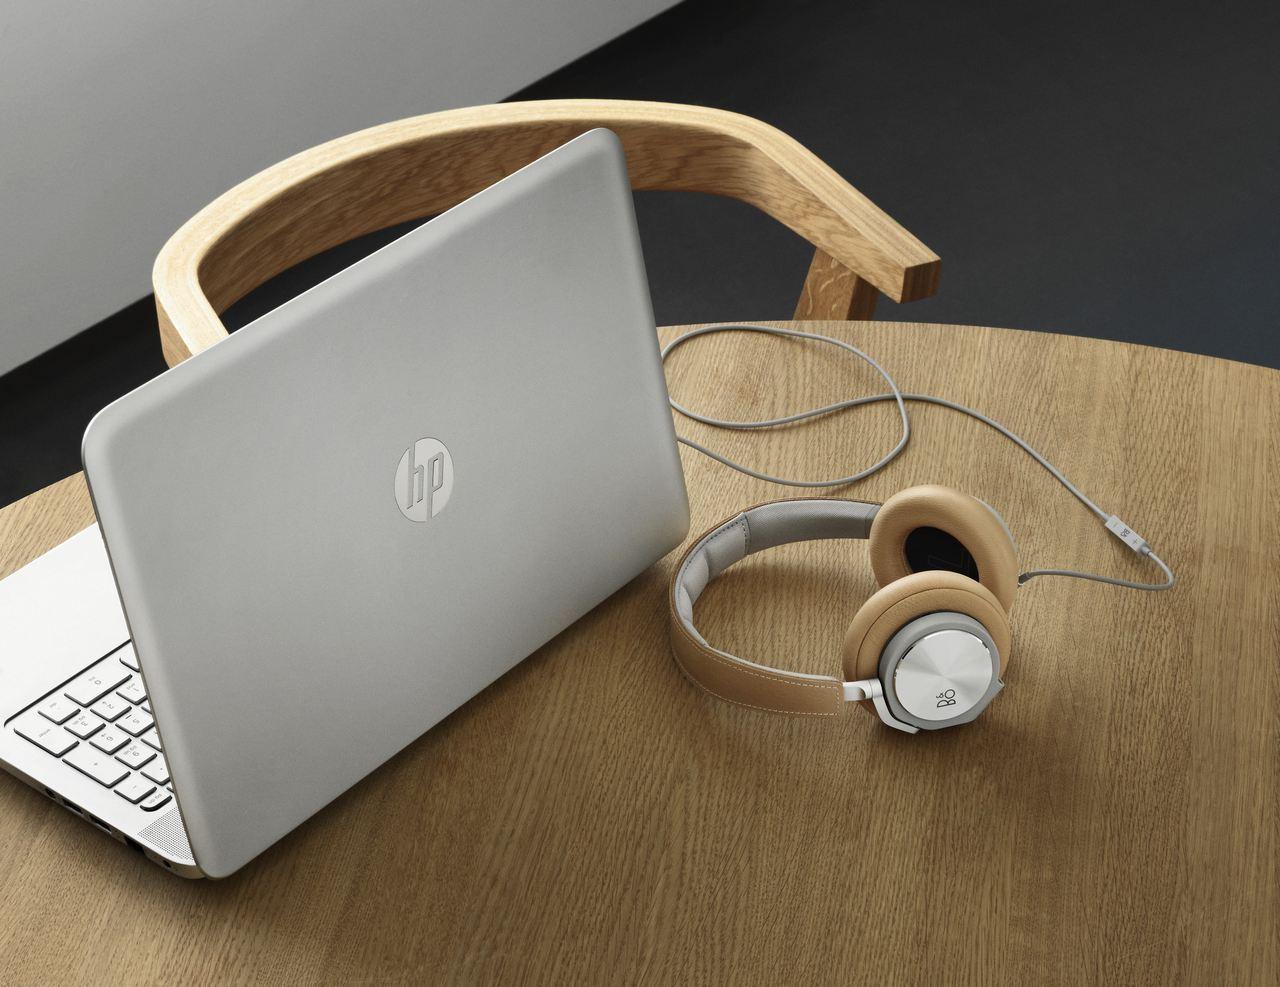 di Dario D'EliaTom's HardwareRedattore Pubblicato il 24 Marzo, 18:05 Fonte: HP HP ha siglato un accordoper integrare tecnologie audio all'avanguardia sulle future linee PC, notebook, tablet e accessori. Si parla […]